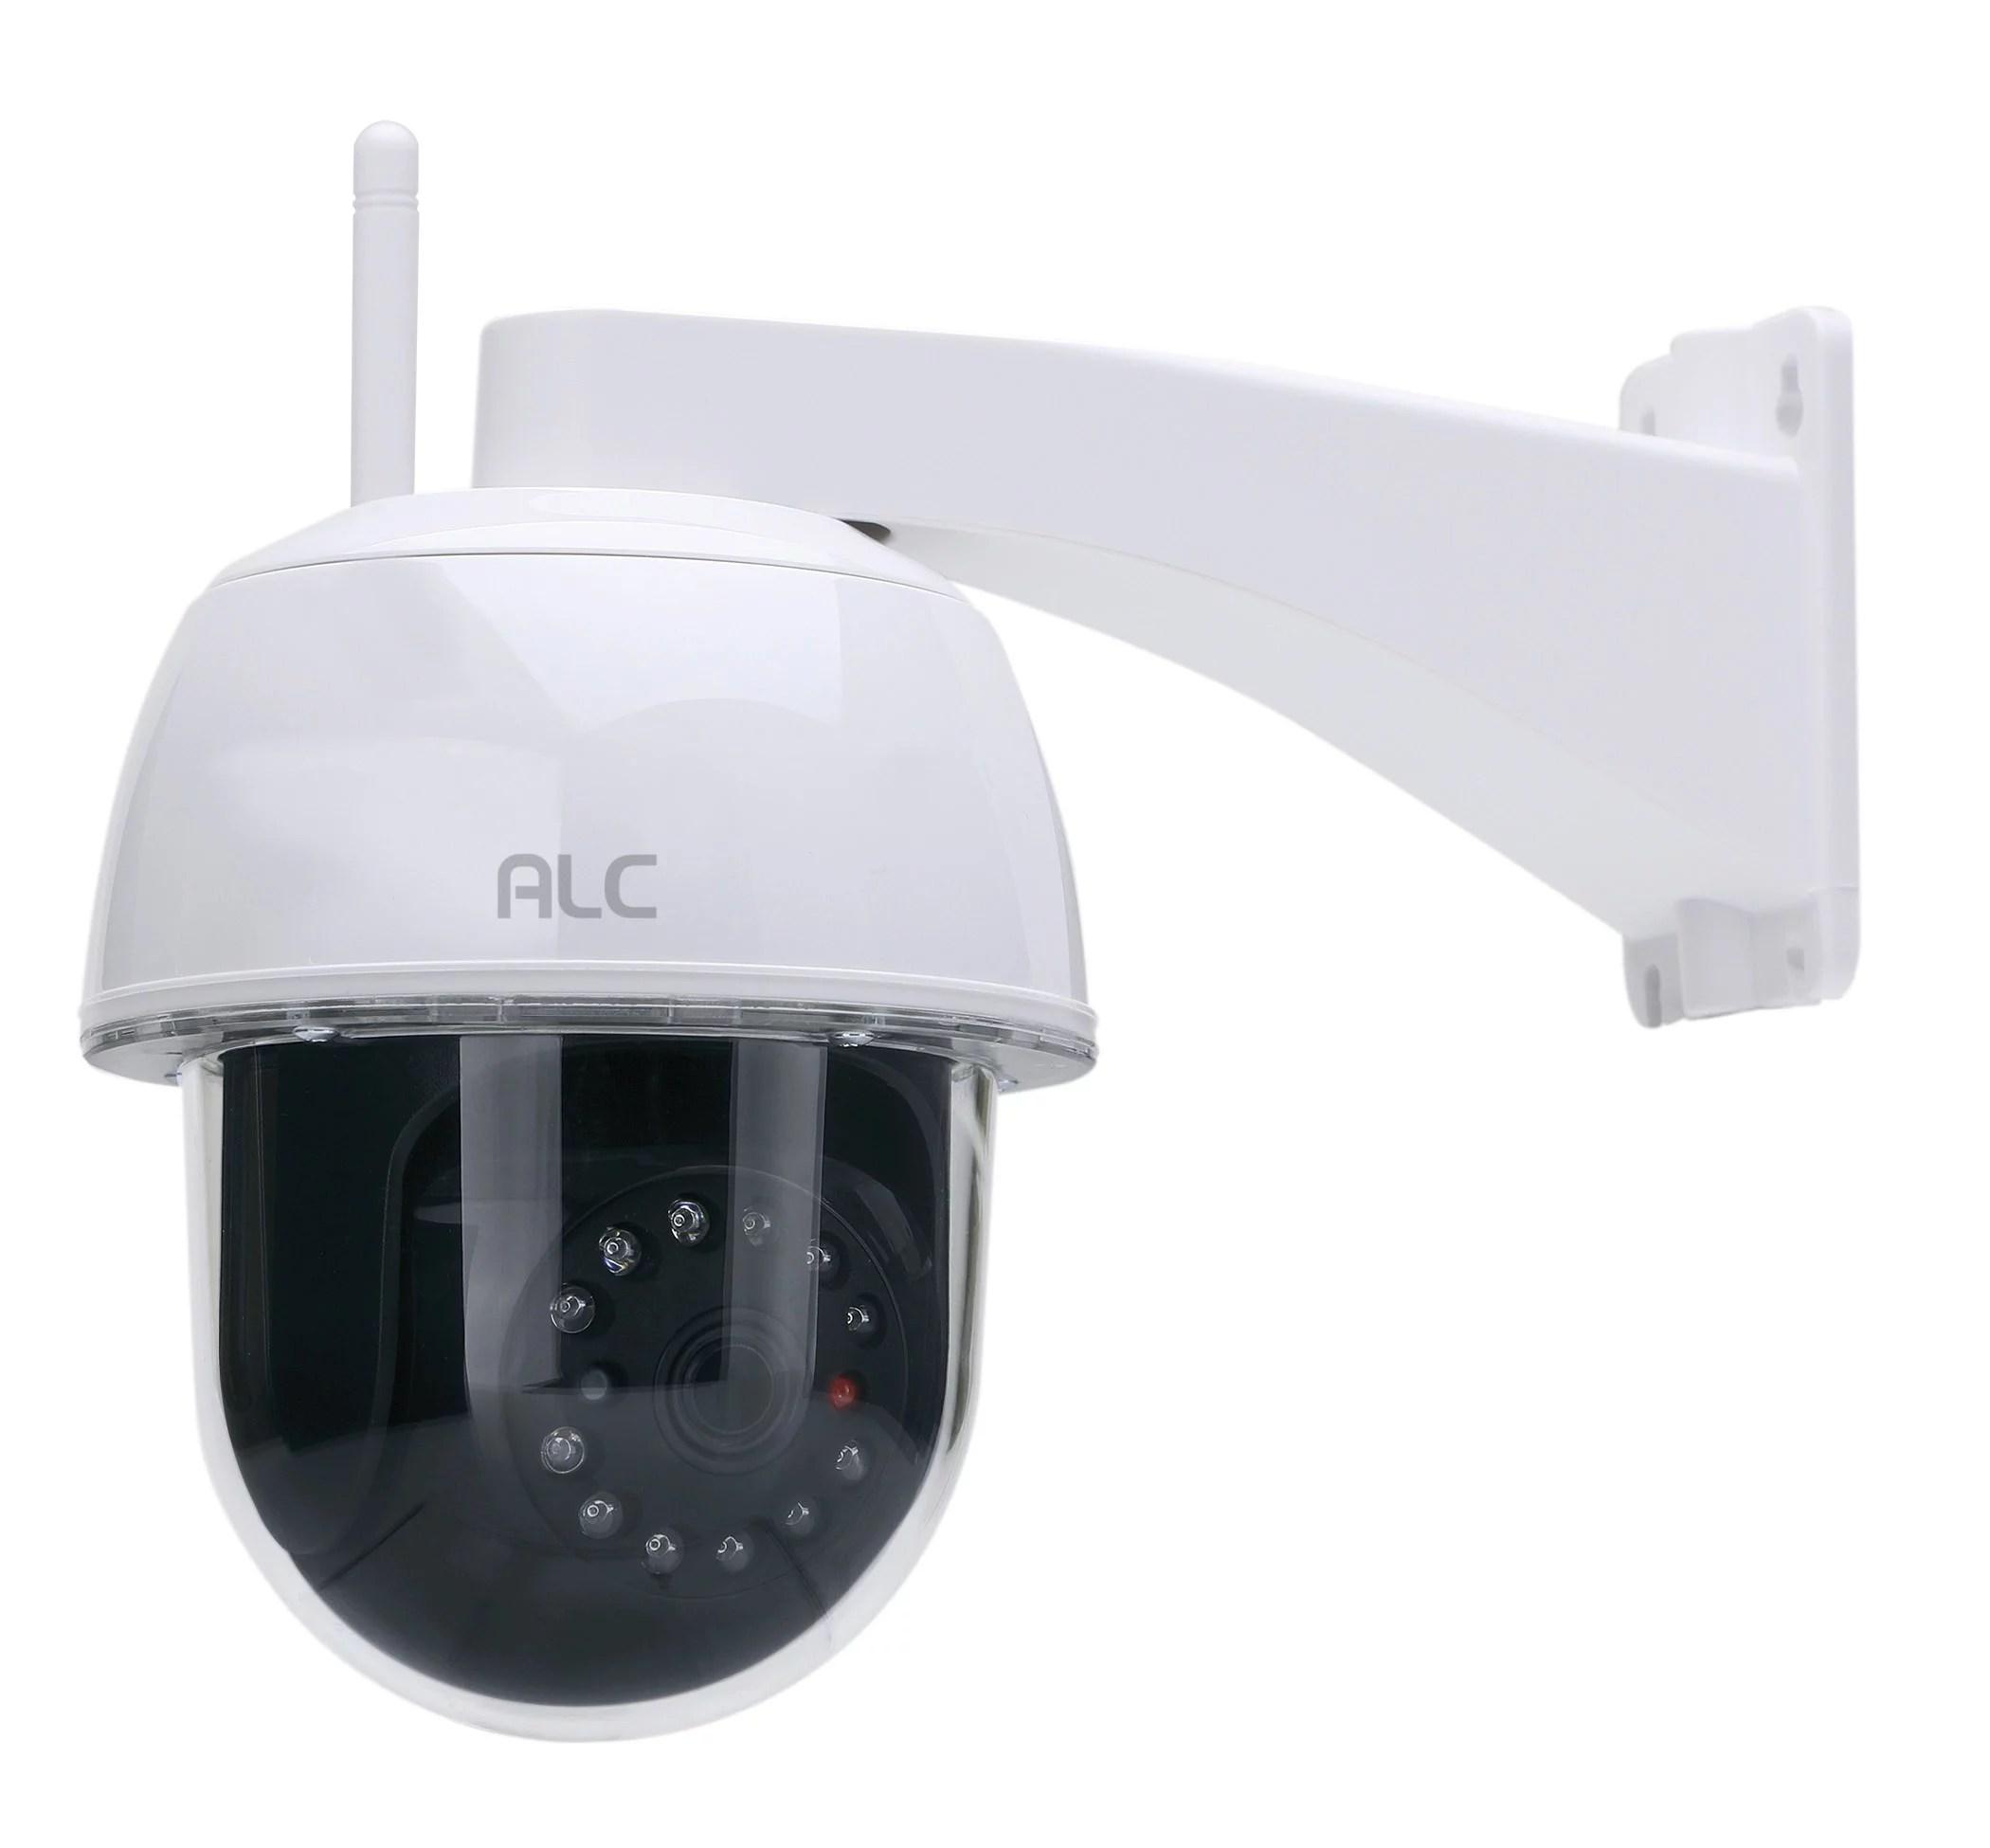 ALC Wireless AWF53